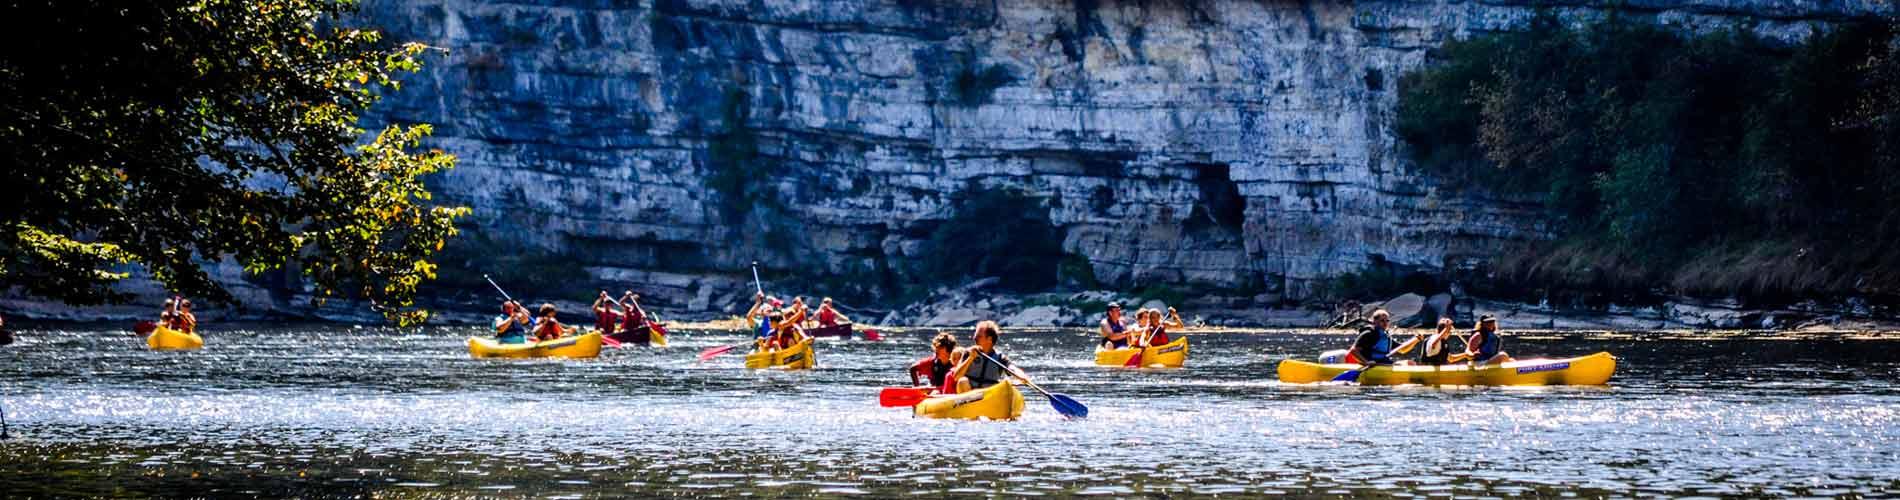 Vallée de la dordogne canoë